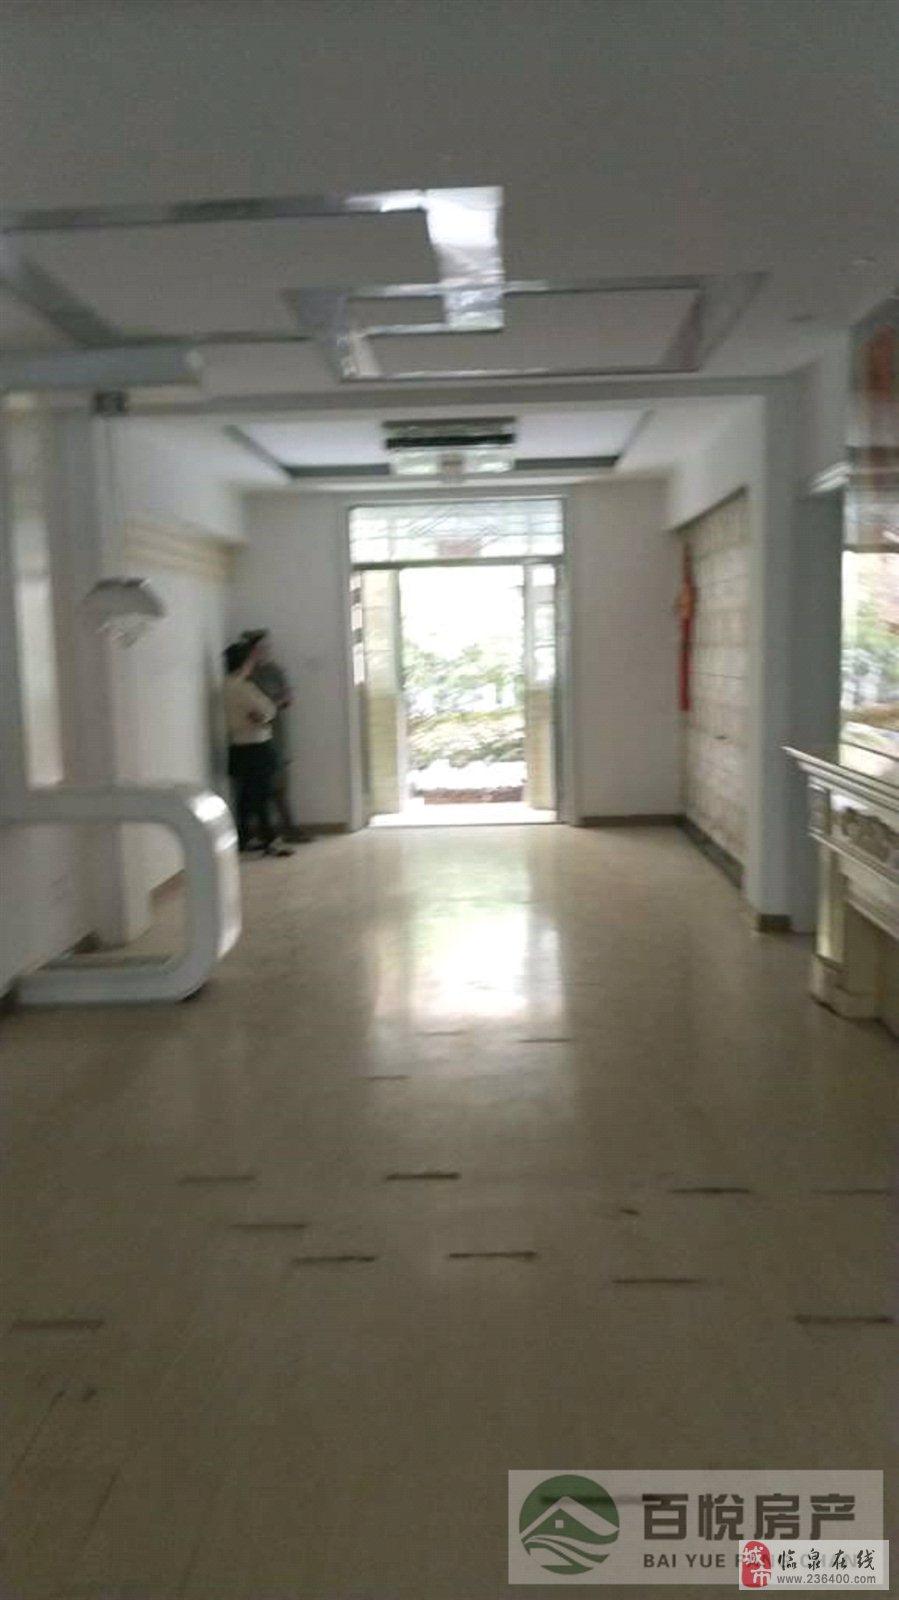 急售。华荣小区,1楼带院,精装修,有证3室2厅1卫59万元